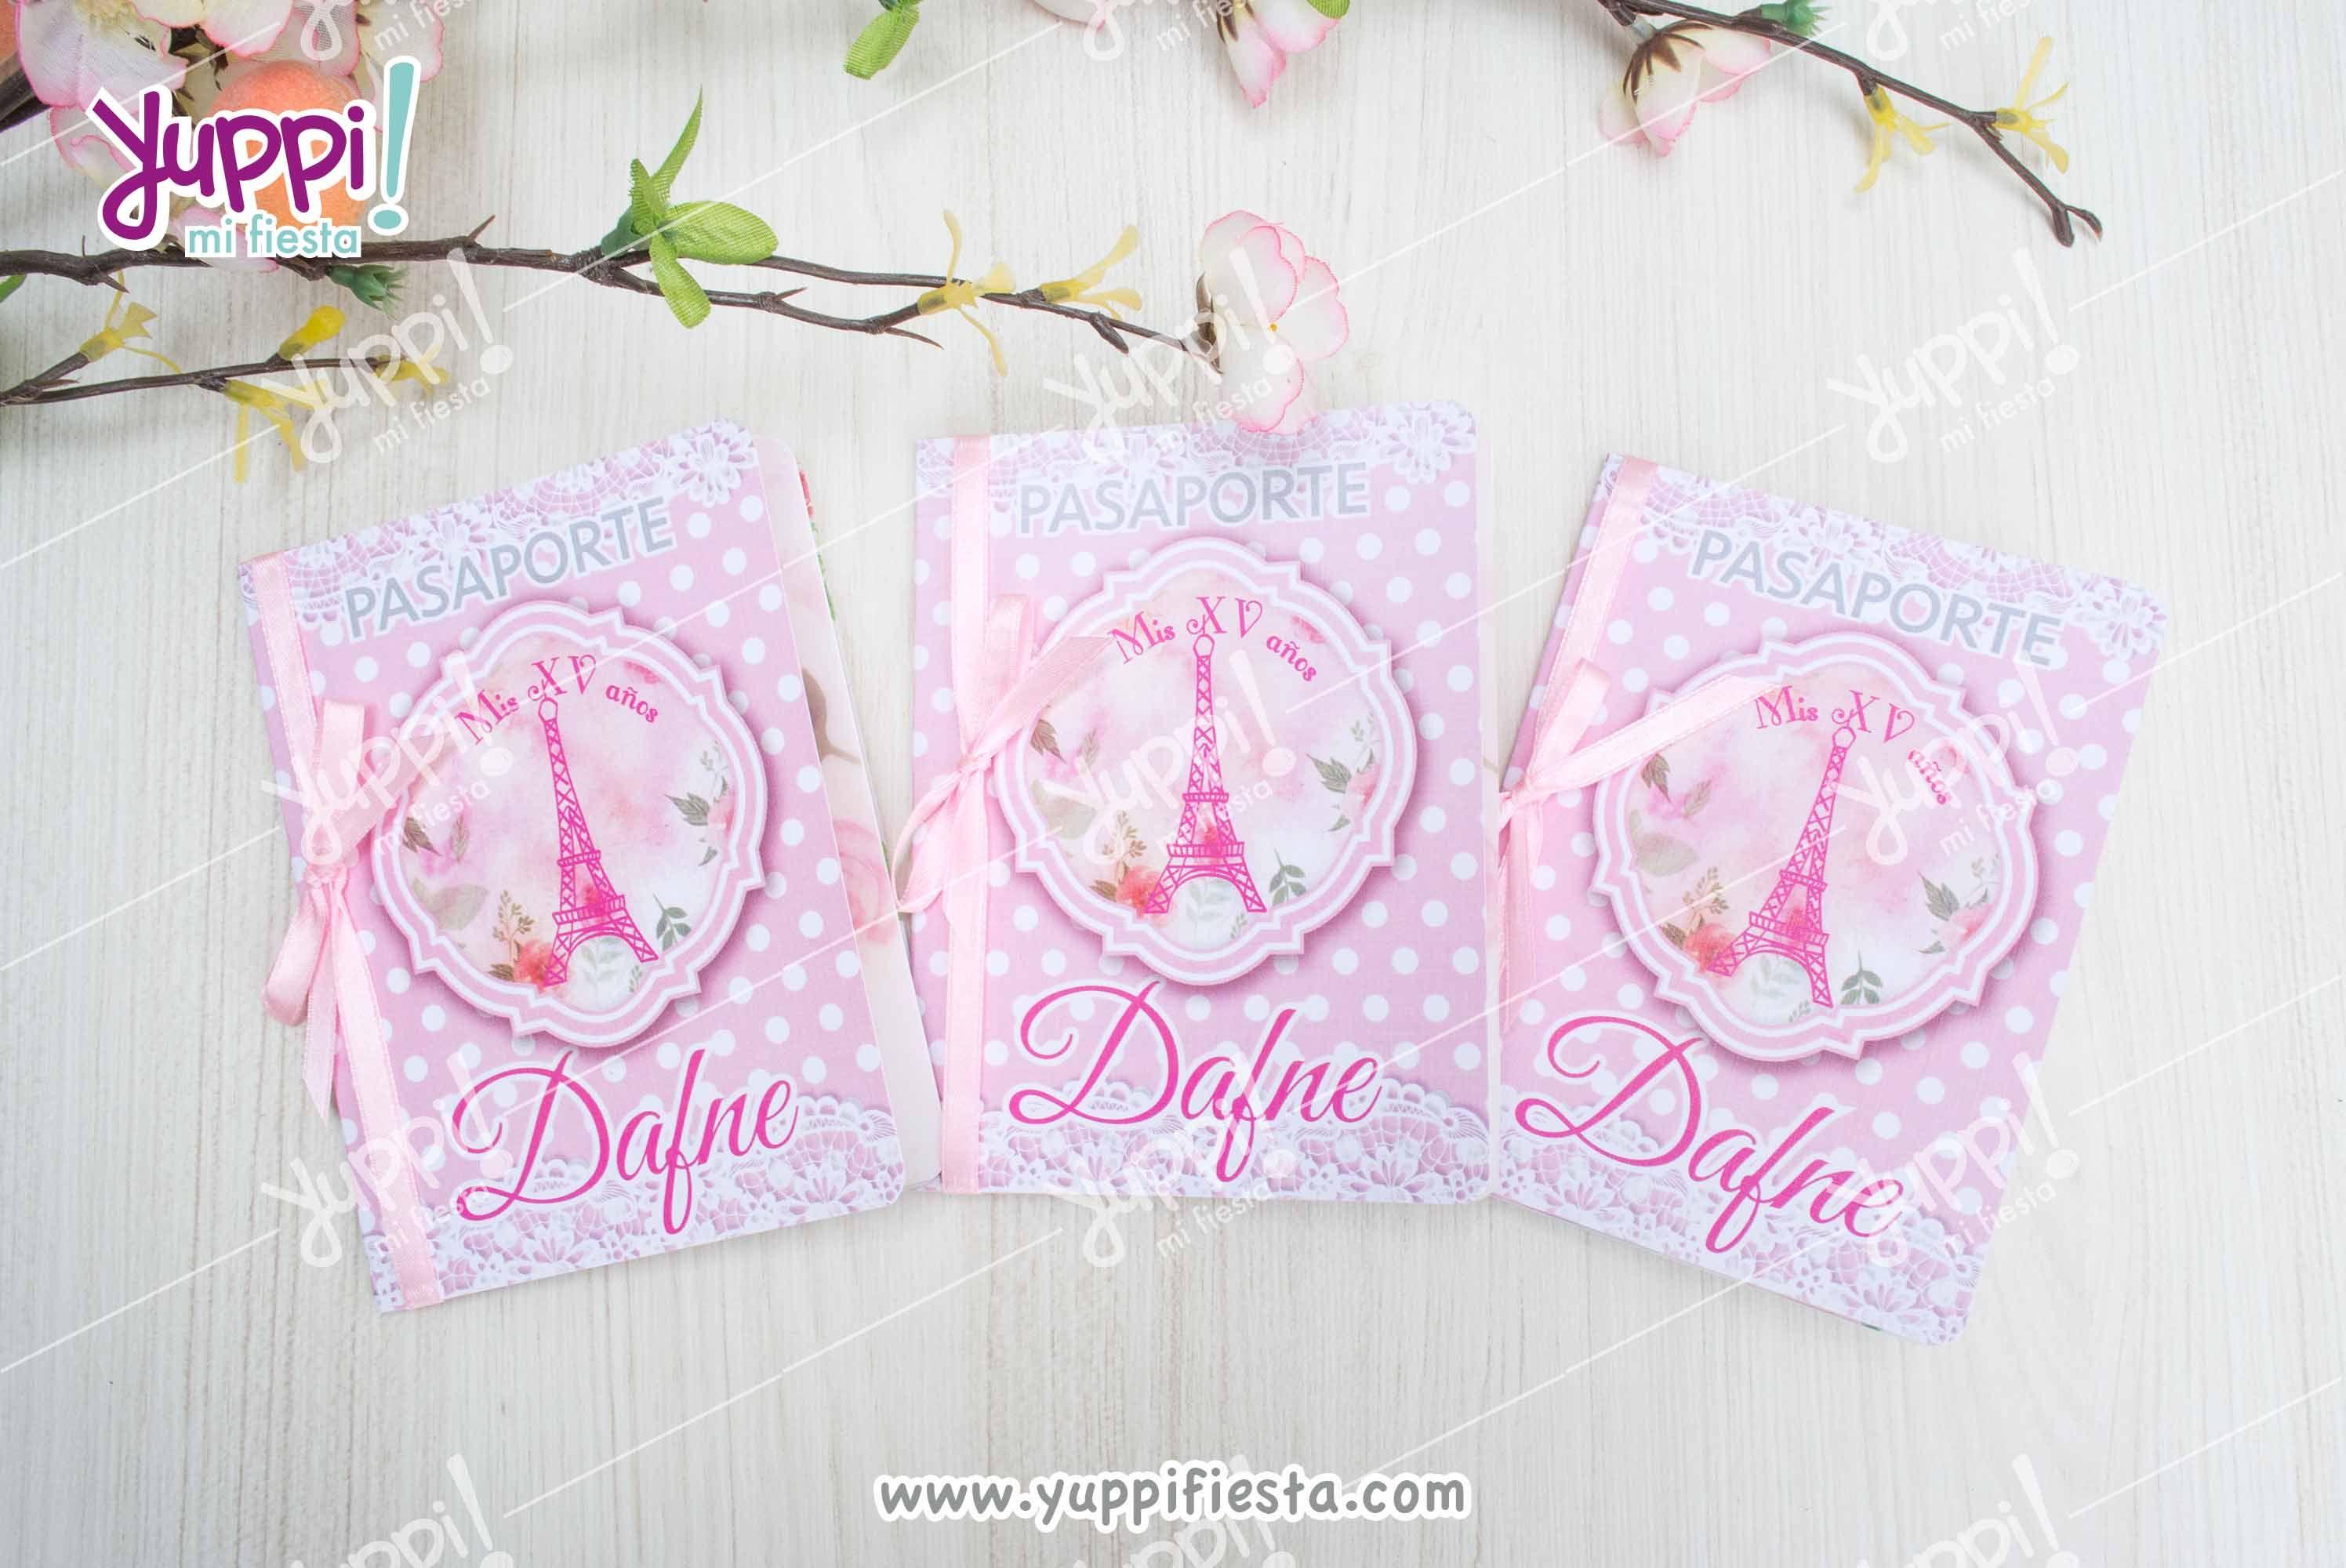 Invitaciones Pasaporte Paris Rosa Pastel Paris Rosa